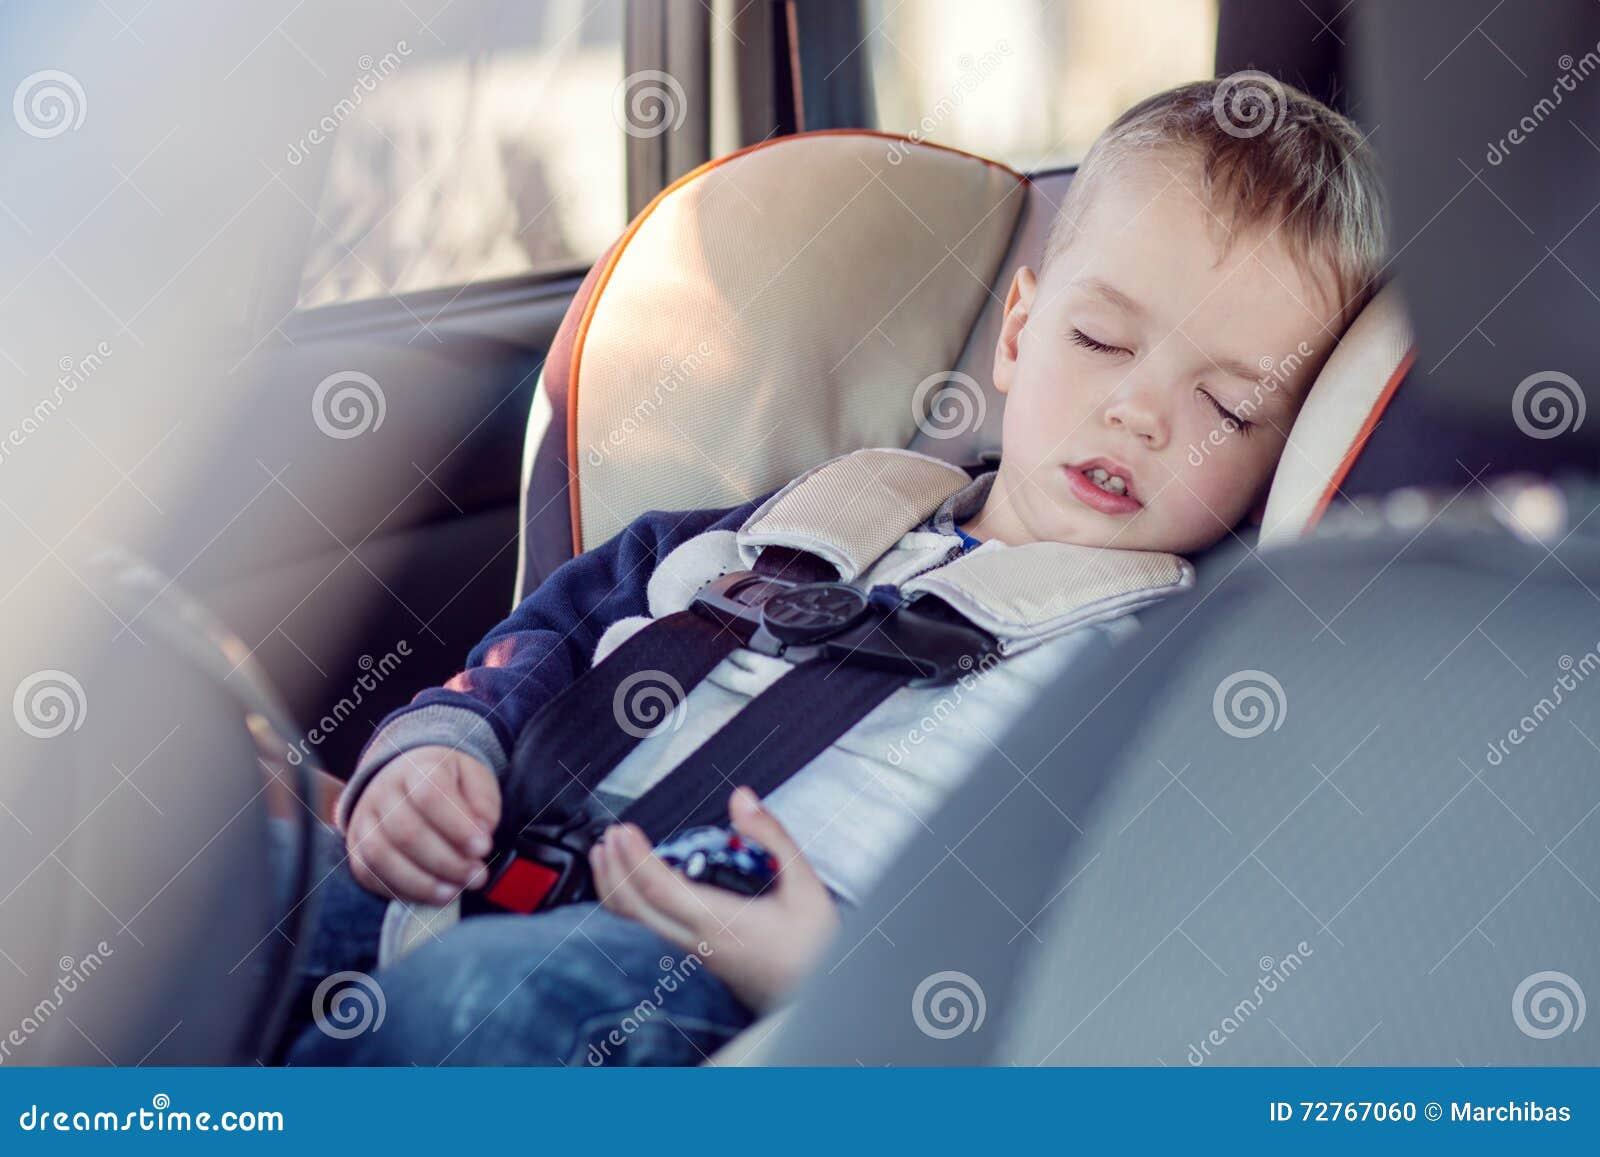 Cute Little Boy Sleeping In Car